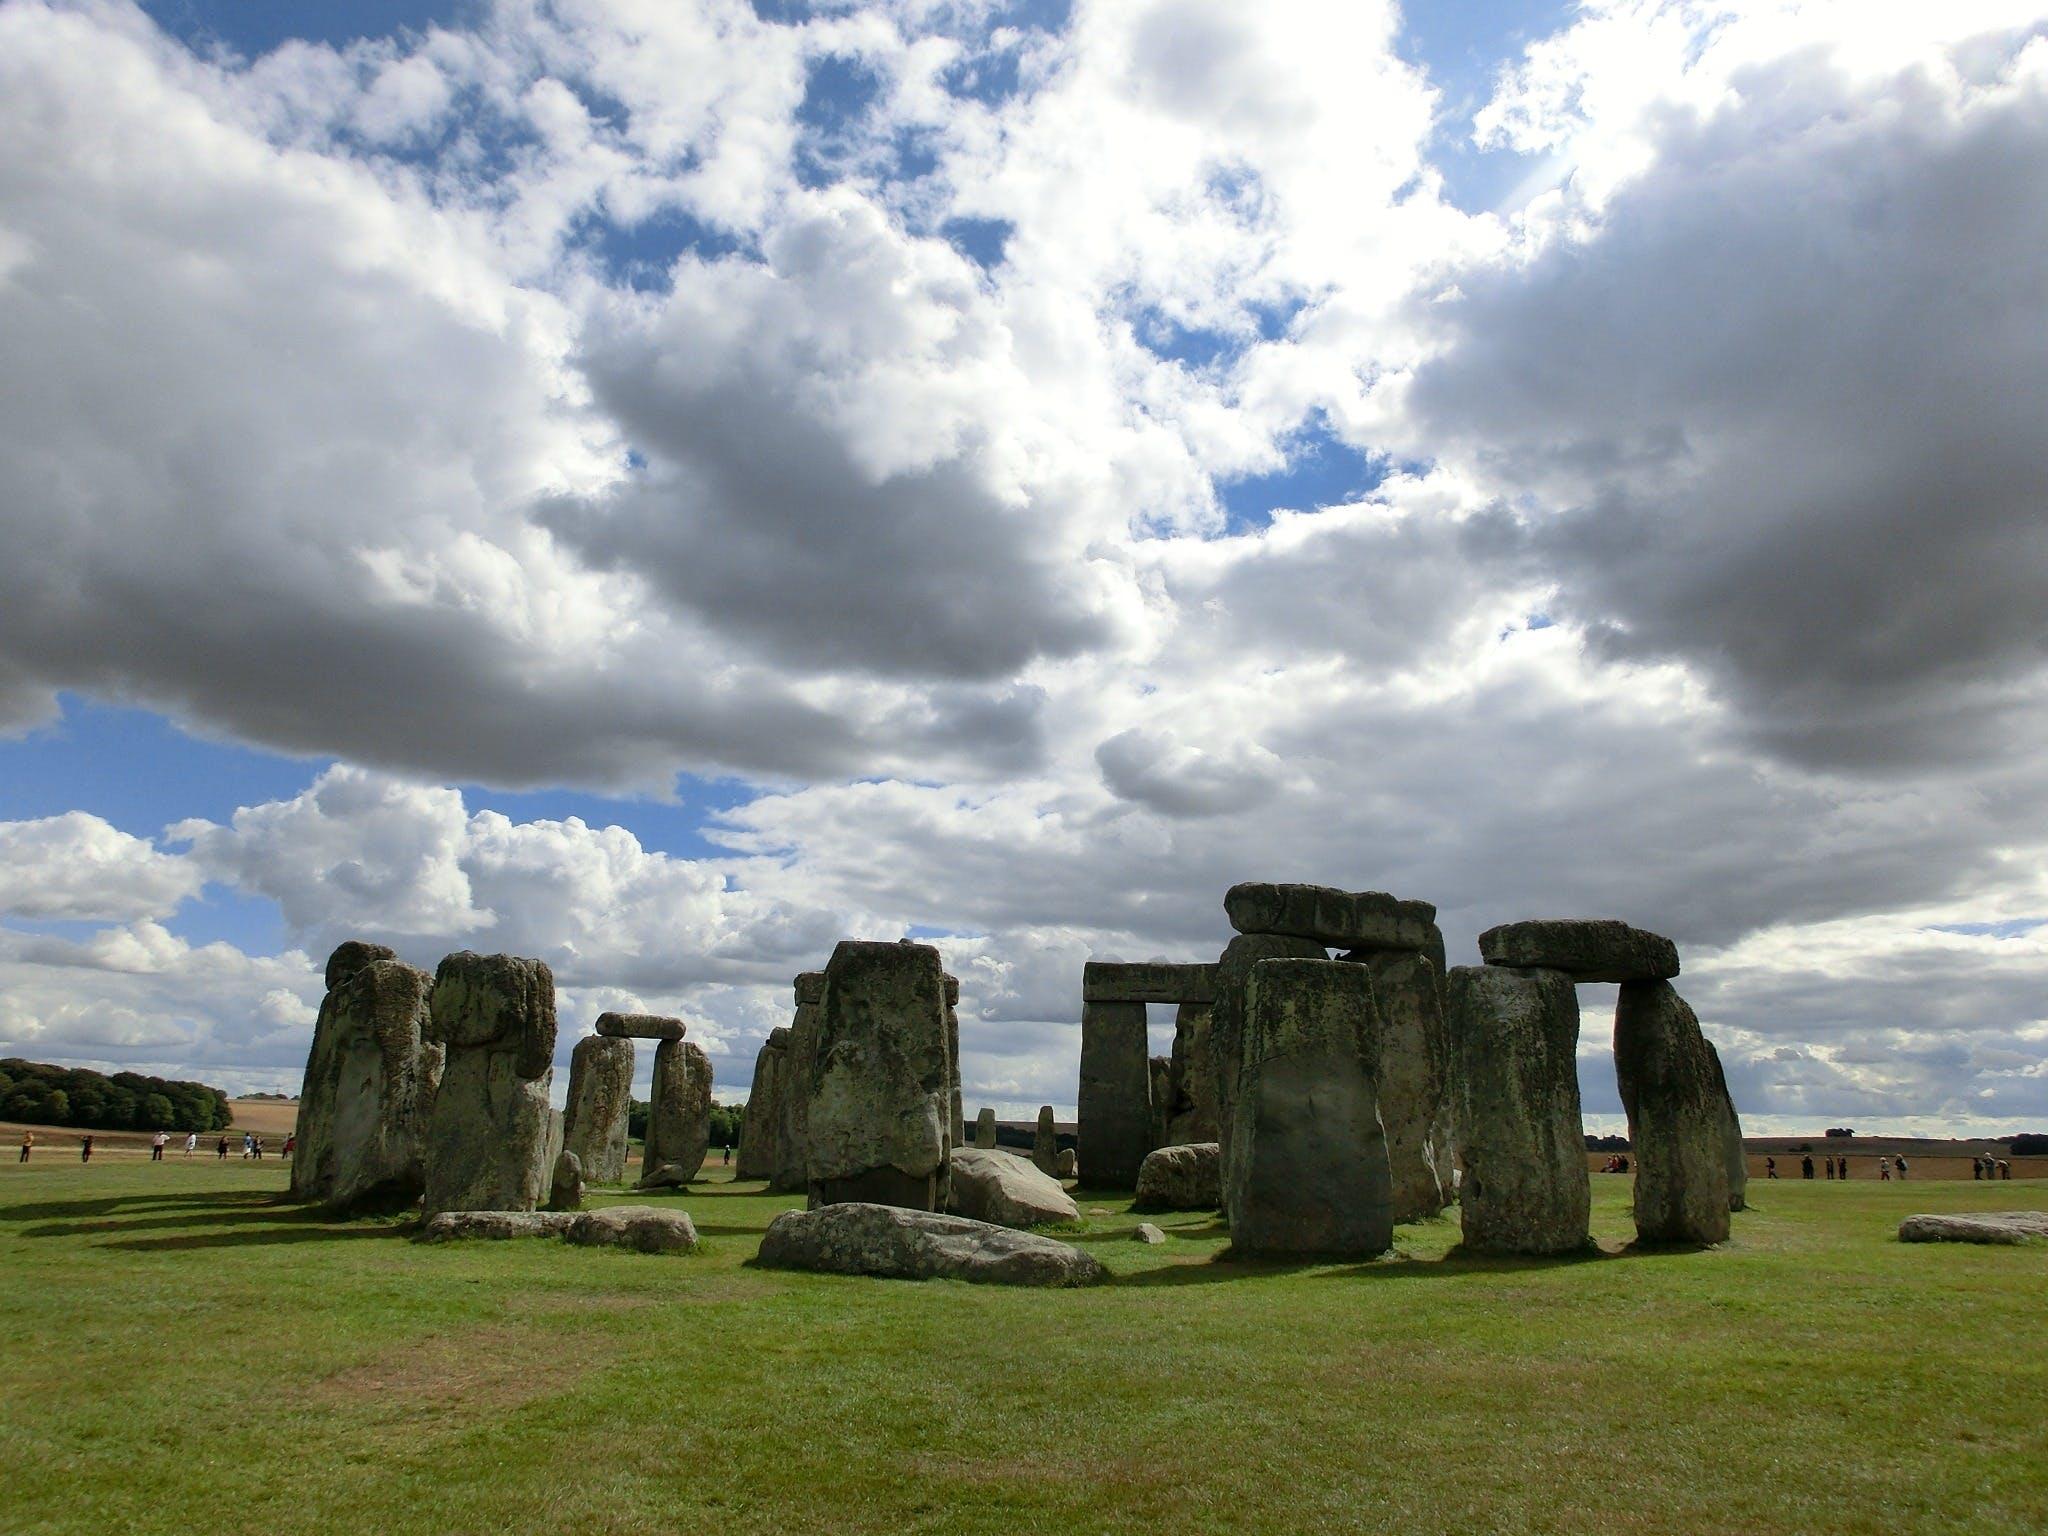 Kostenloses Stock Foto zu alt, archäologie, bewölkt, england